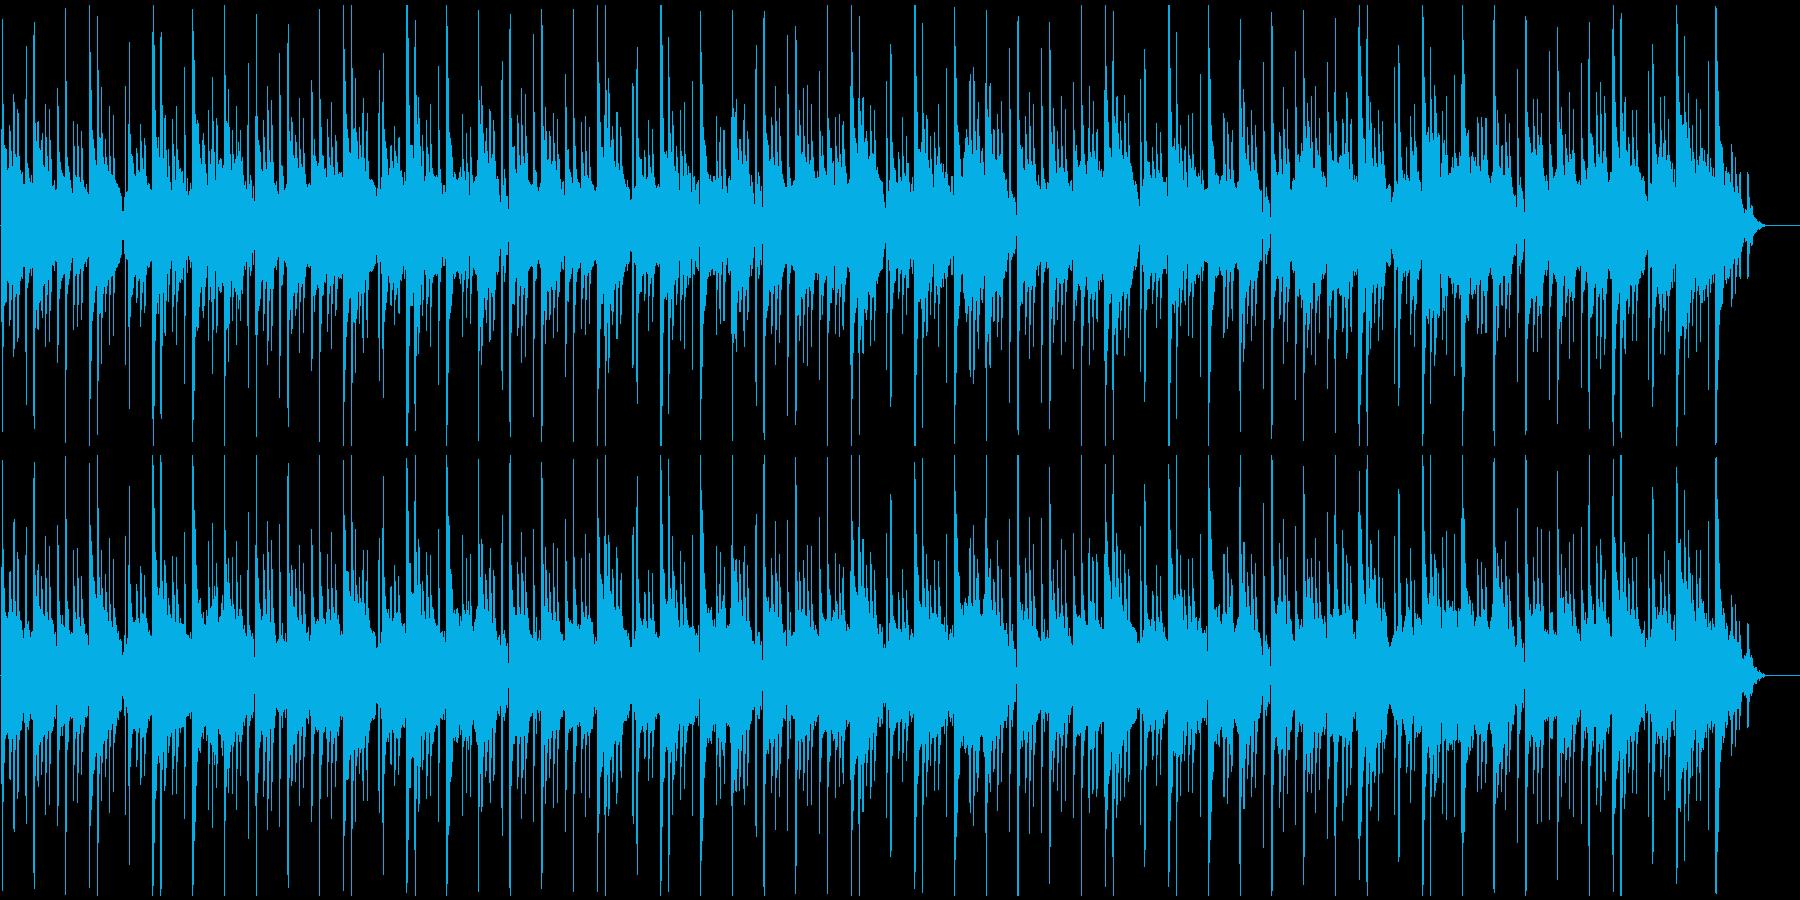 優雅で古典的な雰囲気のBGMの再生済みの波形